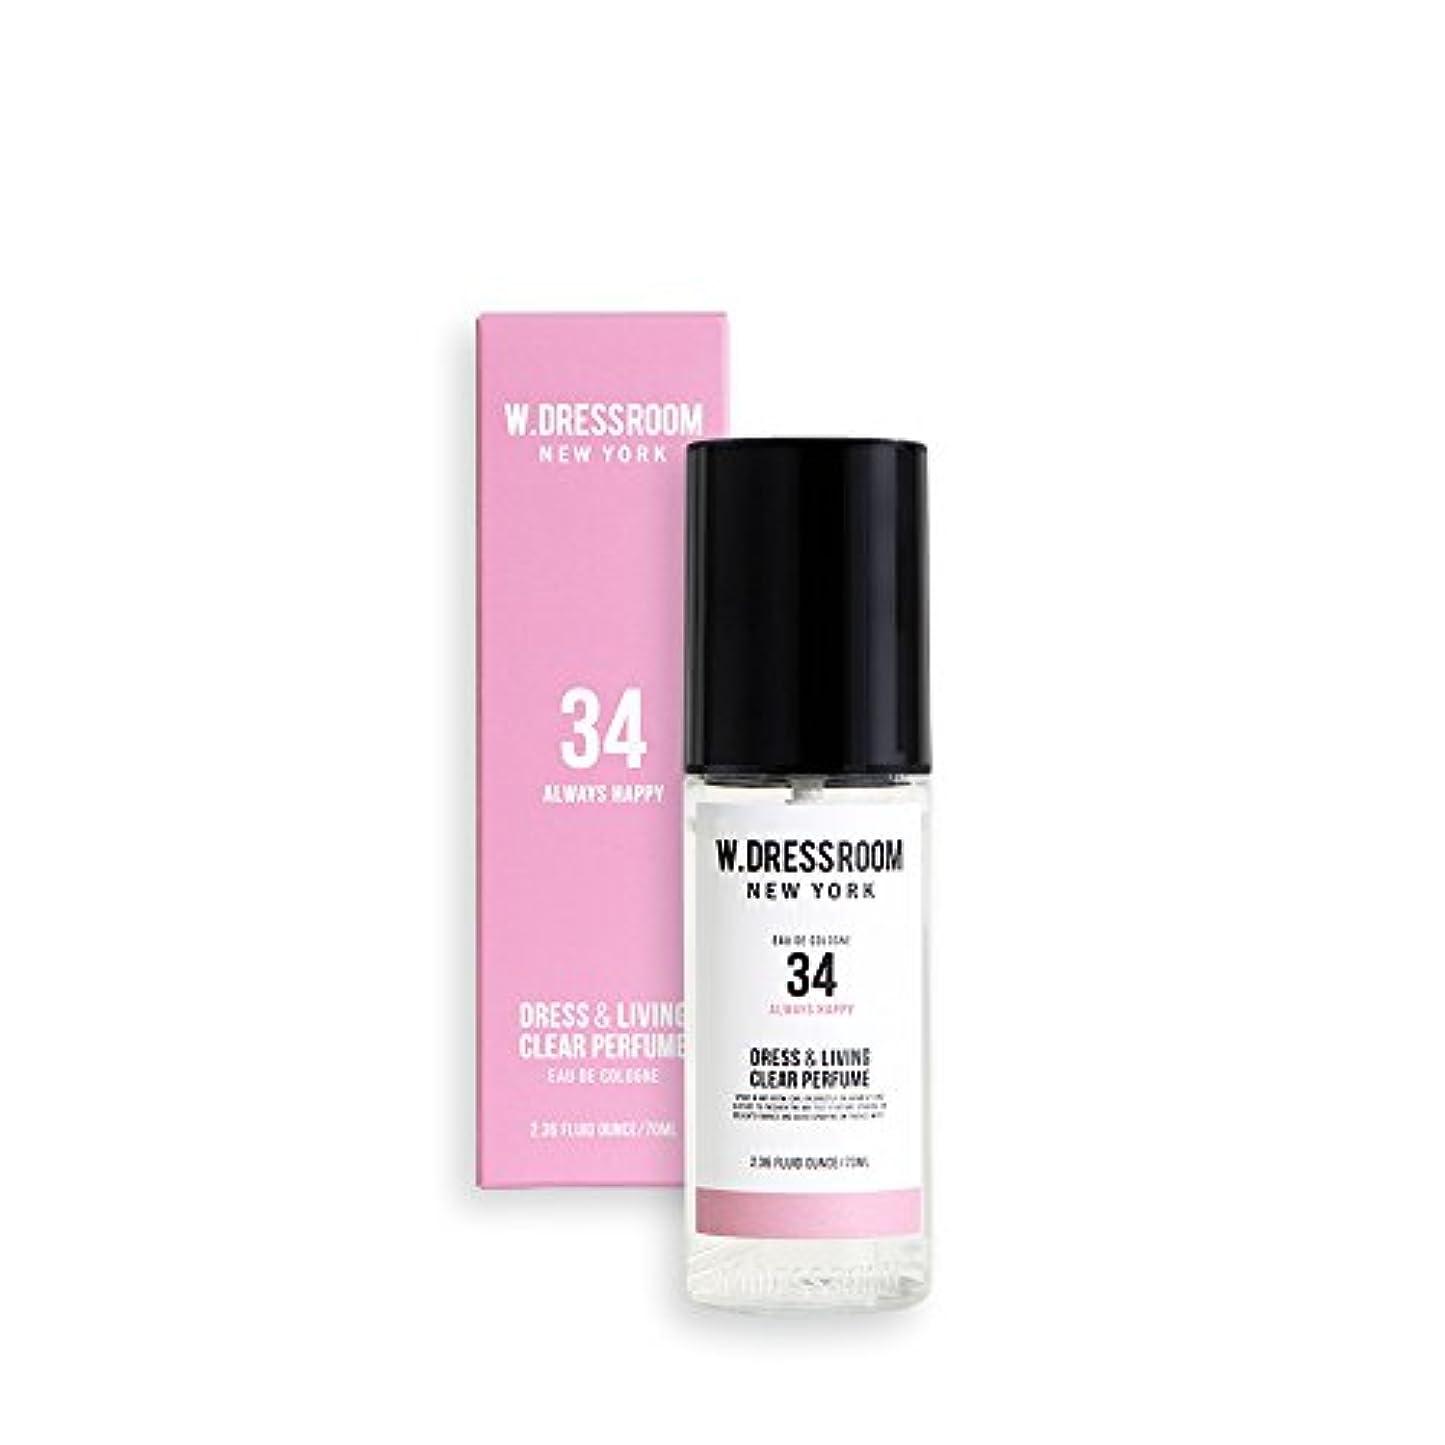 スキージェーンオースティン適性W.DRESSROOM Dress & Living Clear Perfume 70ml/ダブルドレスルーム ドレス&リビング クリア パフューム 70ml (#No.34 Always Happy) [並行輸入品]